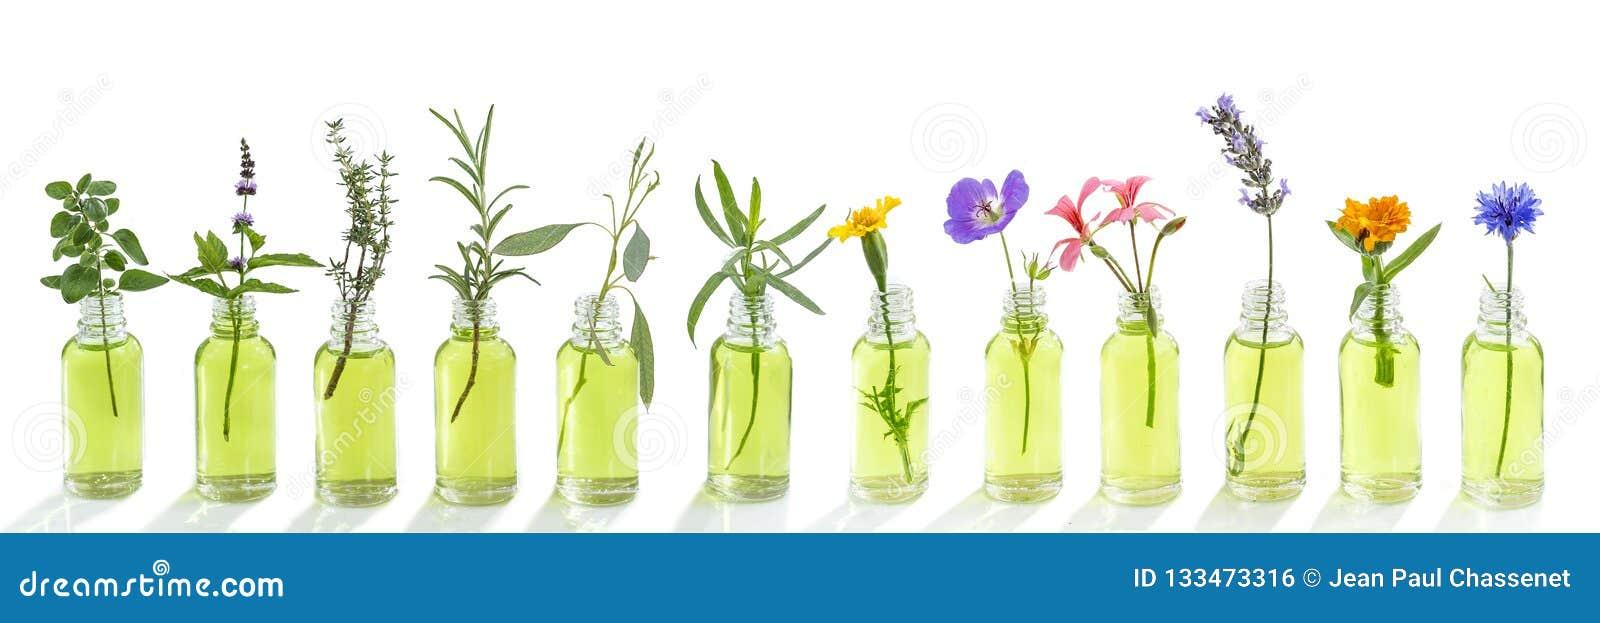 Bleuet panoramique de fleurs d huile essentielle, eucalyptus, estragon, géranium, géranium, lavande, menthe, dinde d oeillet, ori